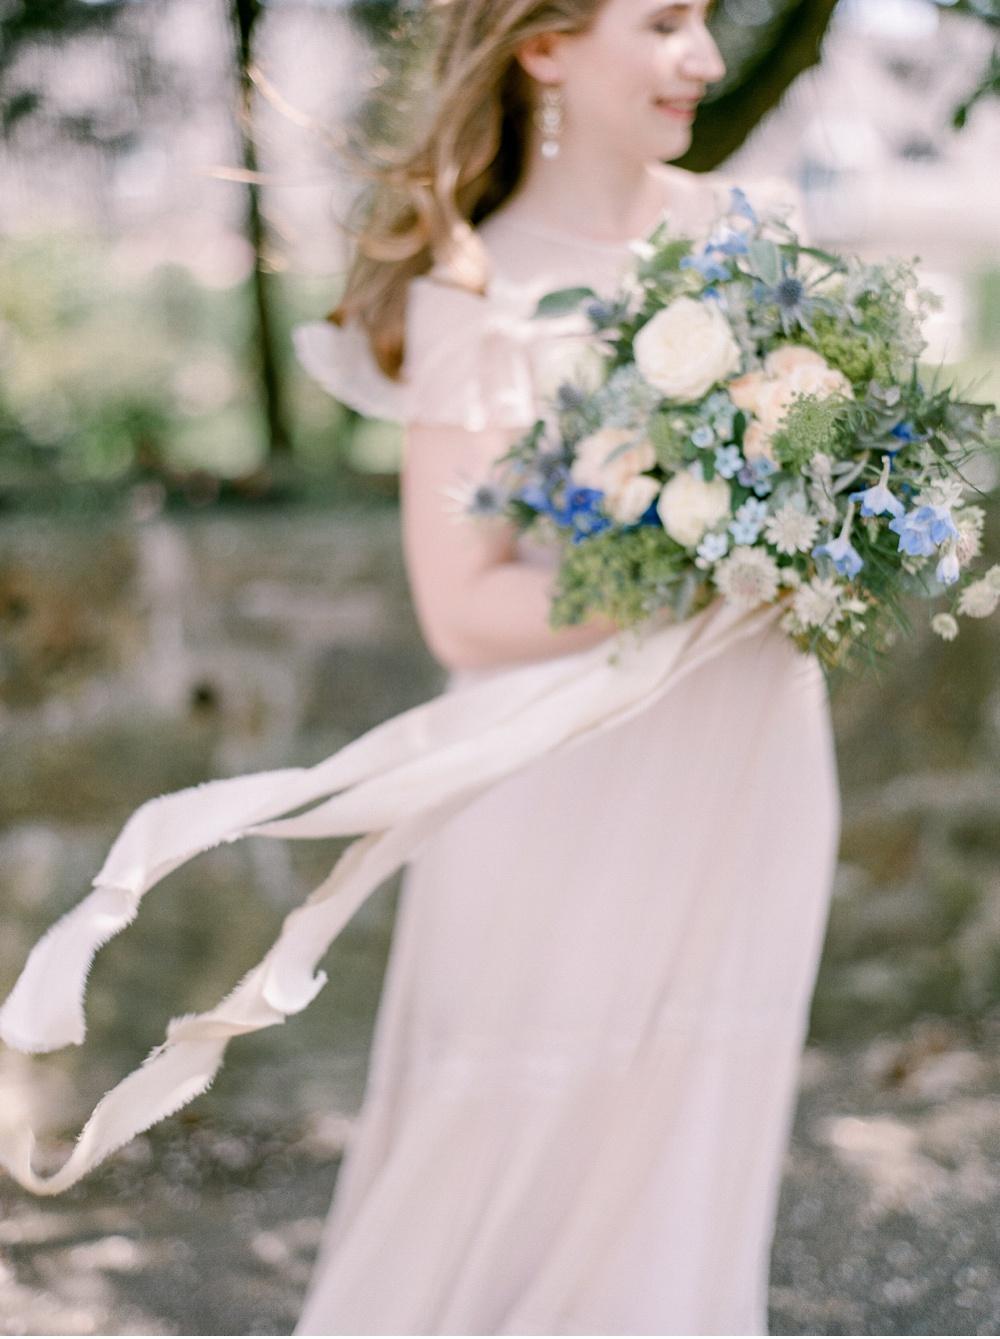 Wedding_Photographer_Tuscany©MadalinaSheldon_0006.jpg